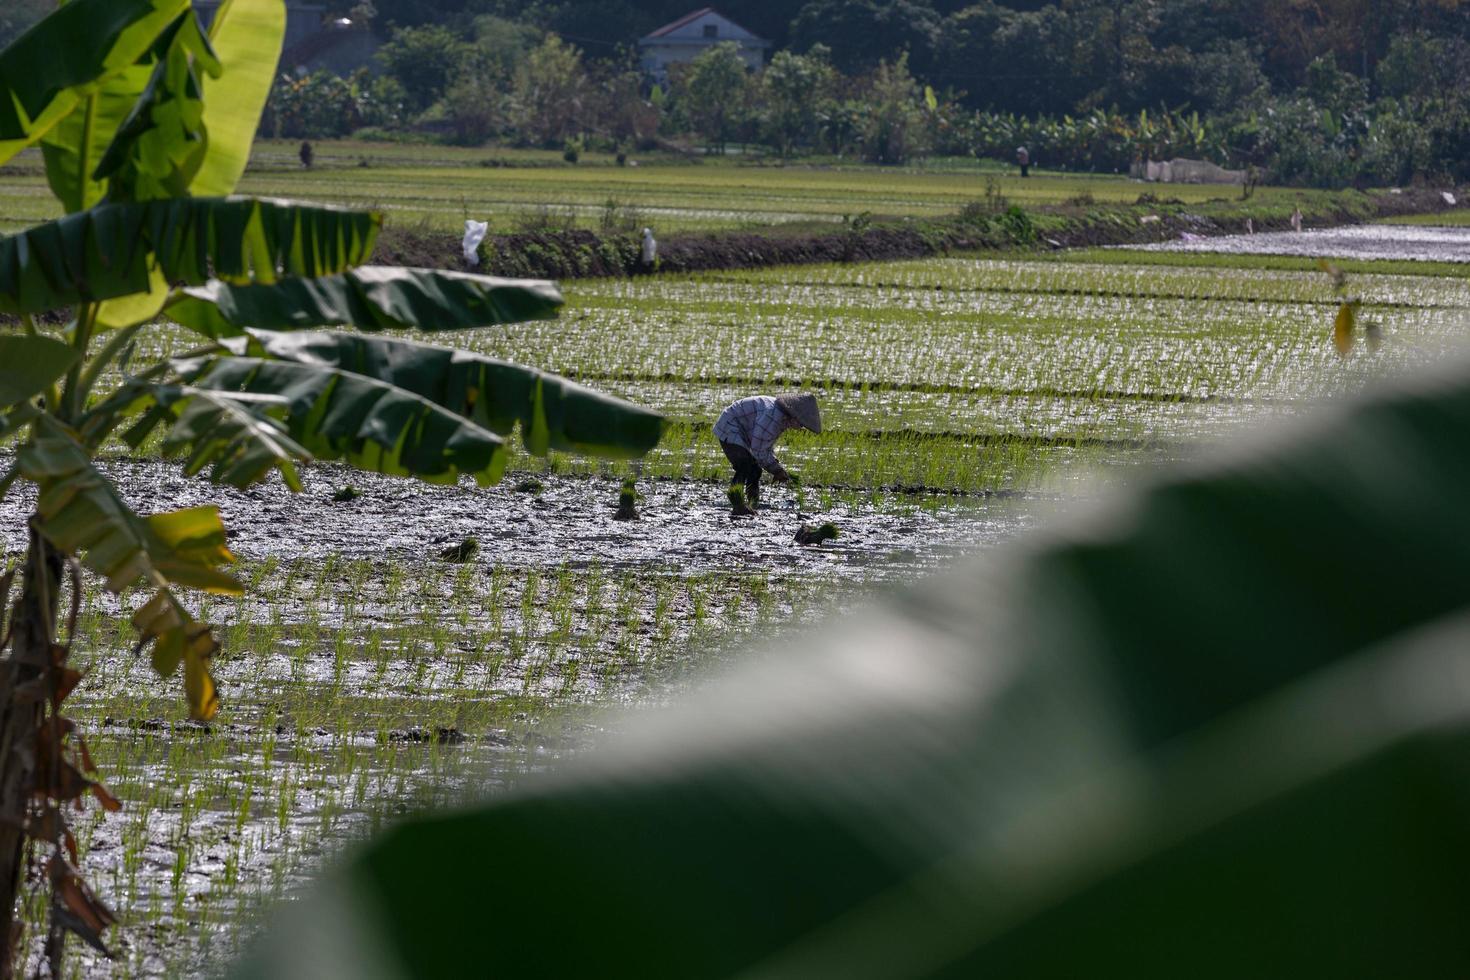 thanh pho ninh binh, vietnam, 2017 - en kvinna som planterar ris i ett fält foto